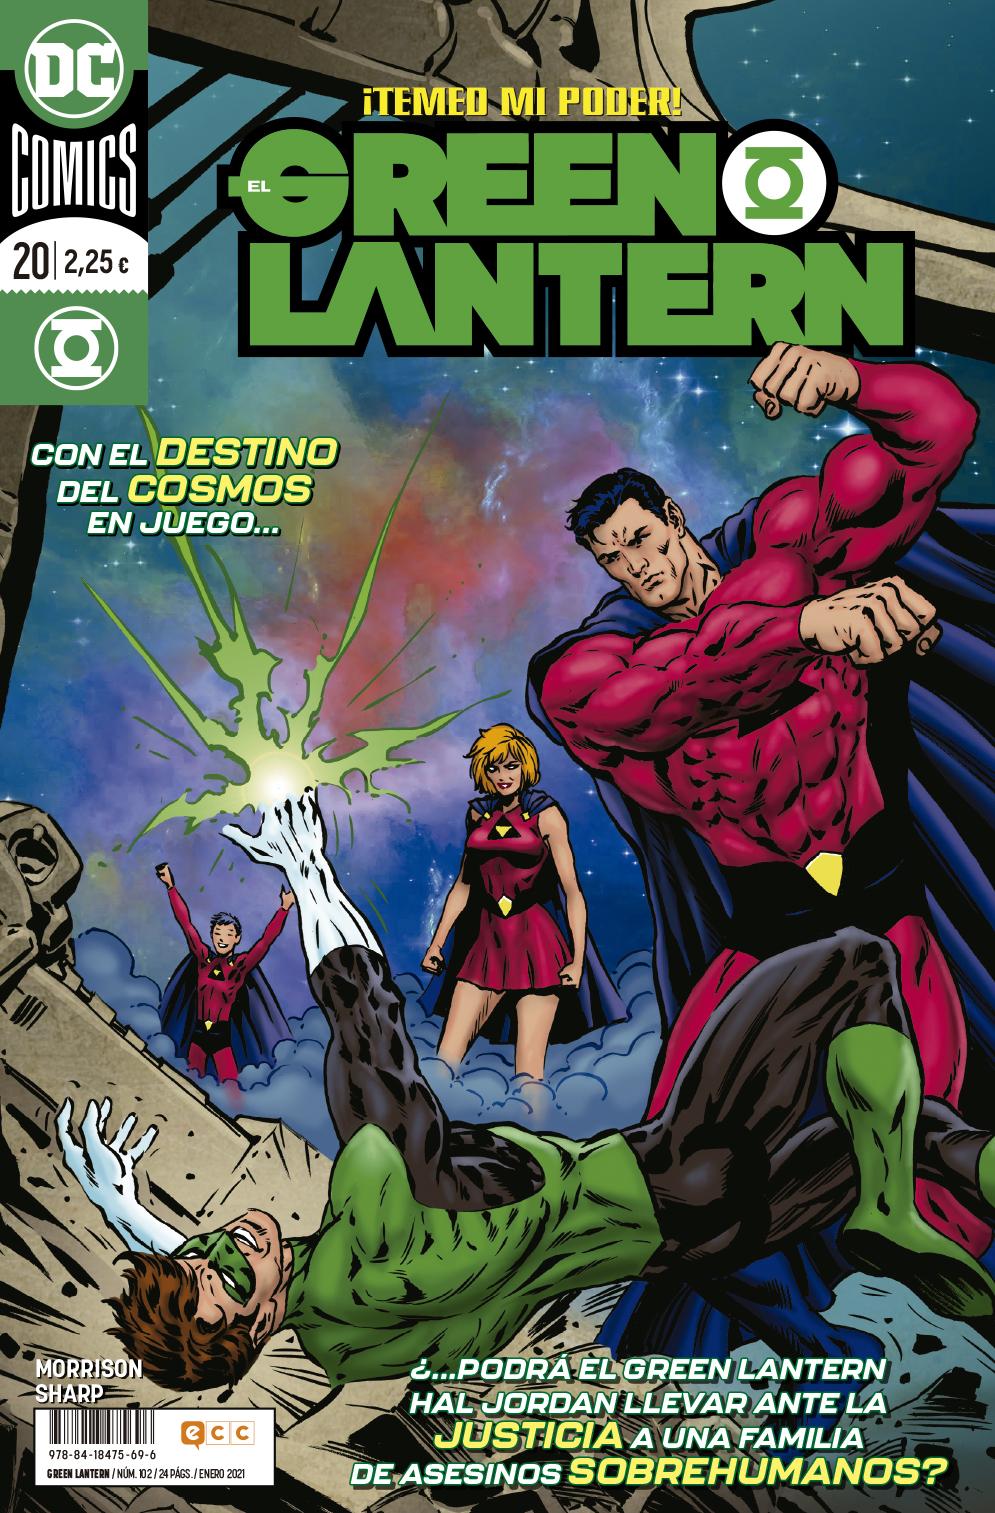 El Green Lantern núm. 102/20